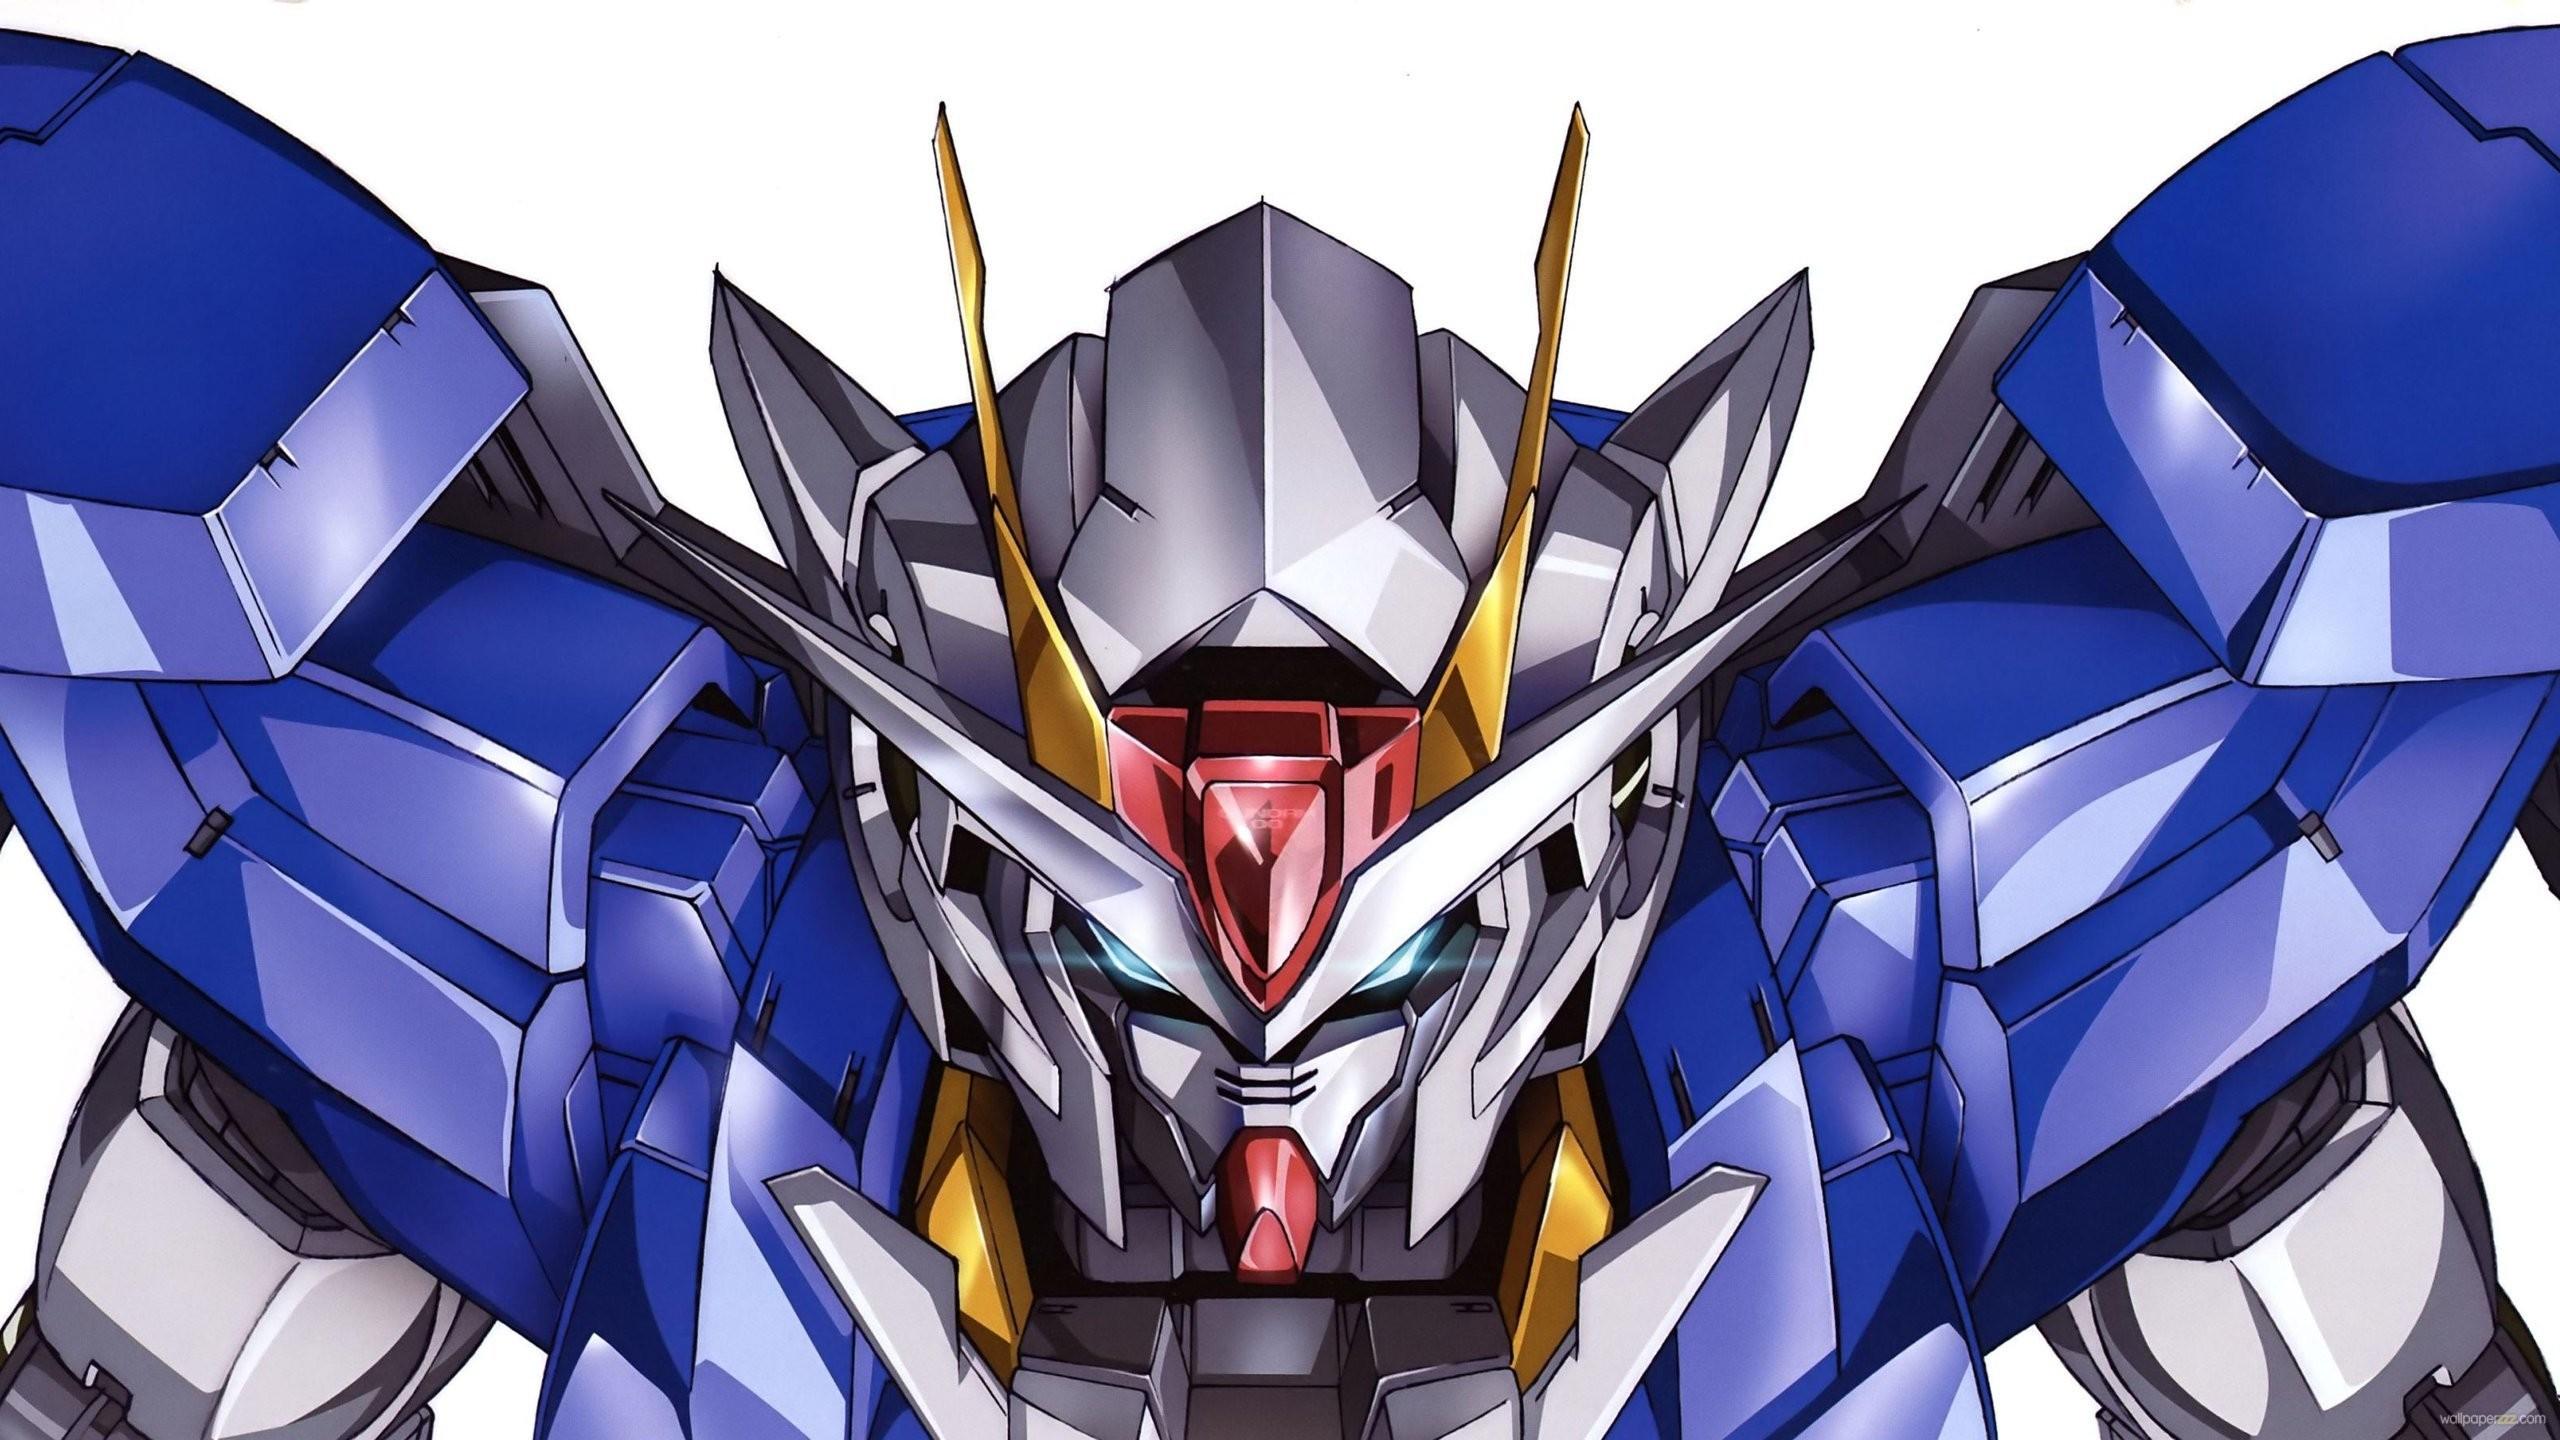 gundam wing zero wallpaper ·①